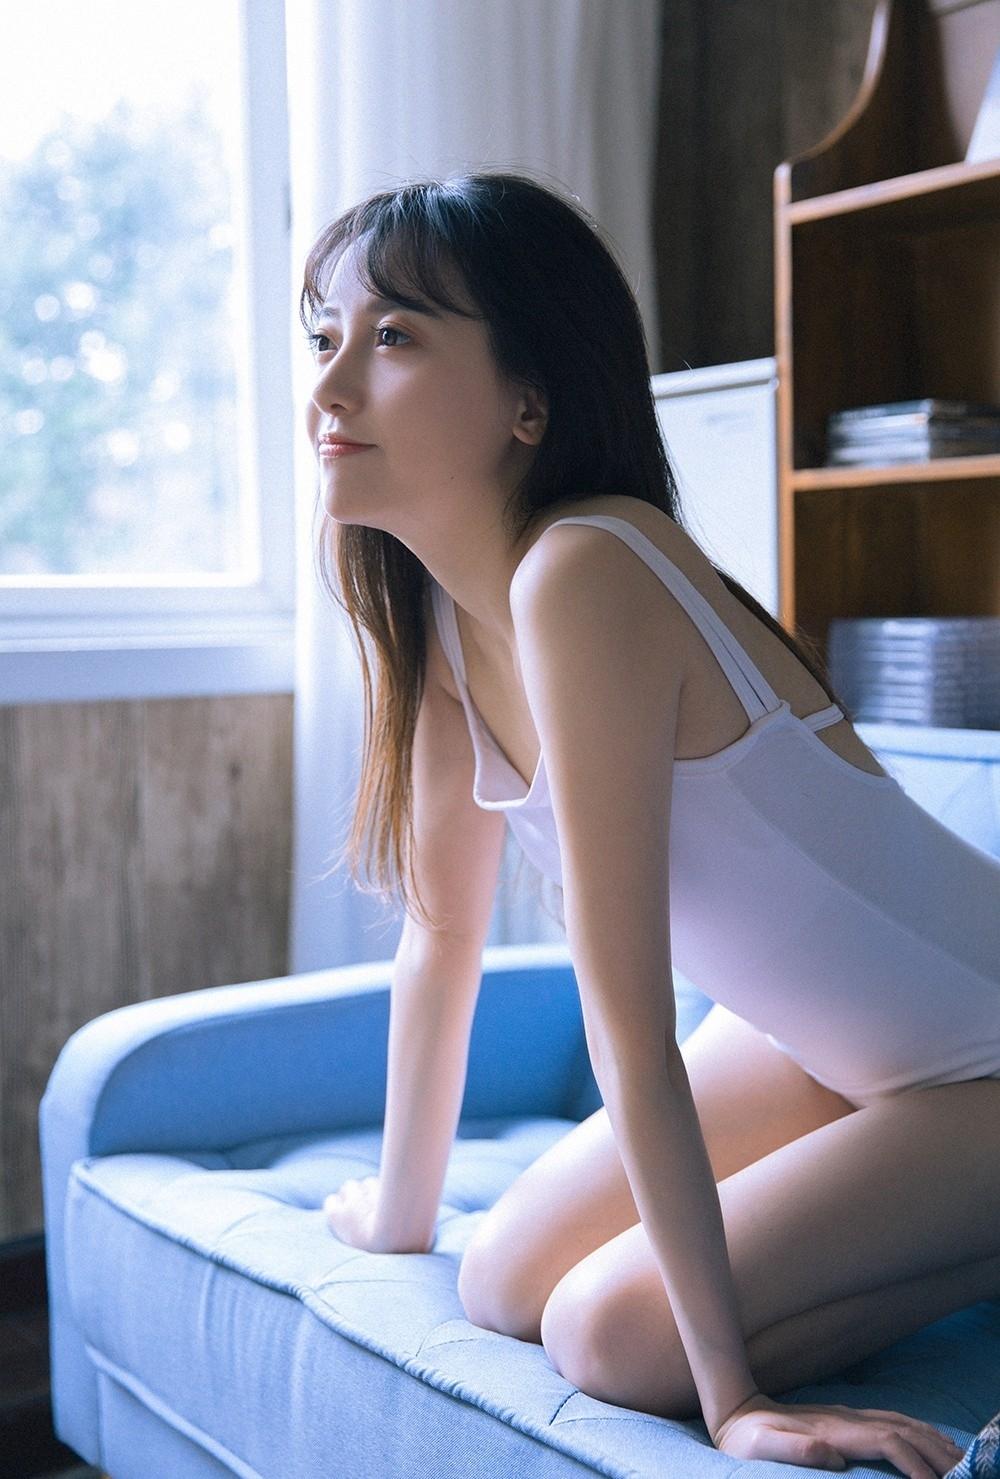 4MDY-937性感上班族美女包臀半透明黑丝制服诱惑美腿鉴赏写真